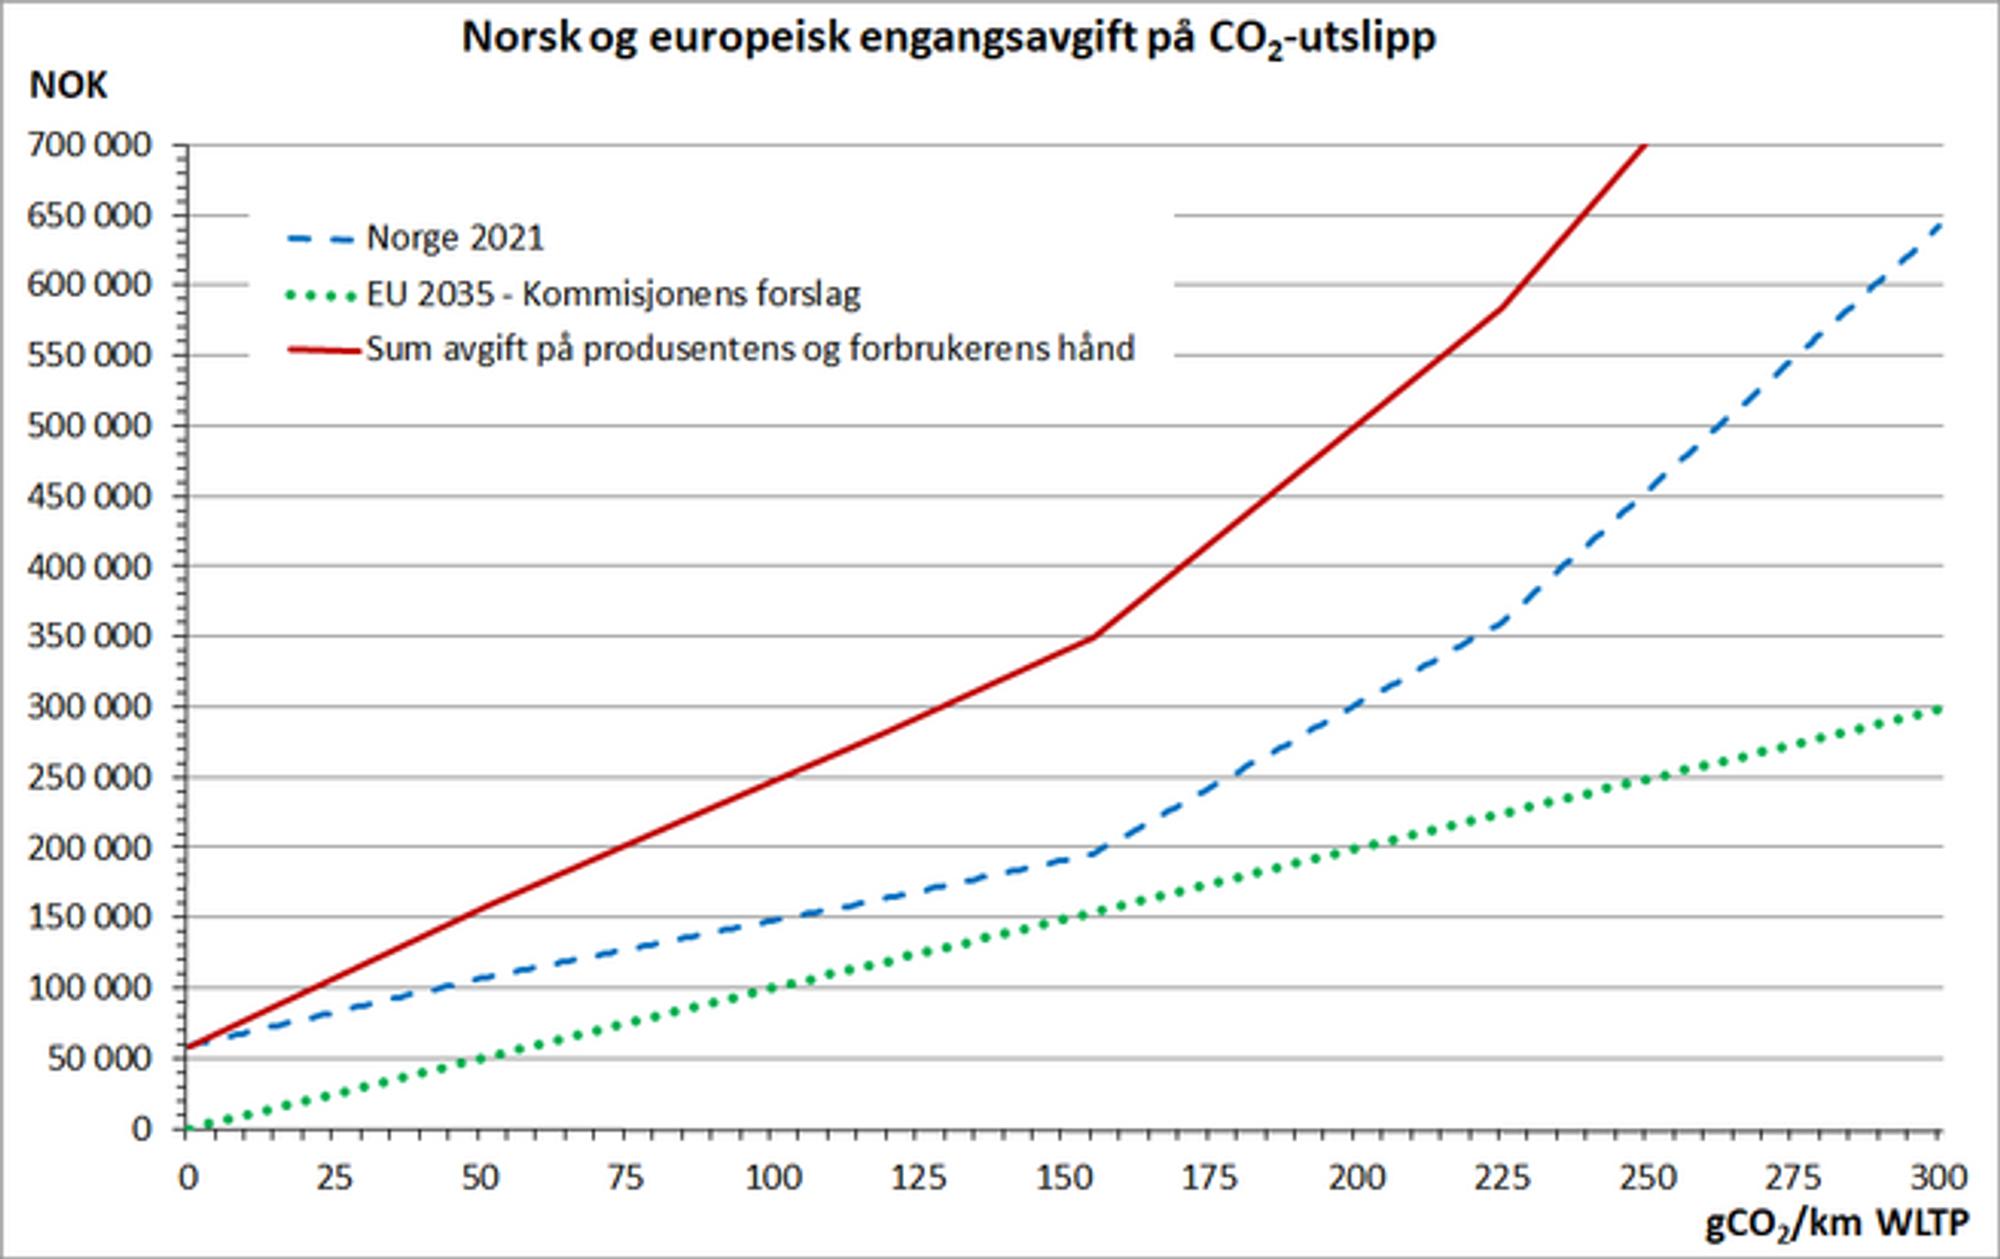 Fig. 2. Engangsavgift på en personbil med egenvekt 1800 kg og typegodkjent NOX-utslipp på 150 mgNOX/km, i henhold til norske avgiftsregler per 2021 og/eller Europakommisjonens forslag per 2035. Kilder: www.regjeringen.no og Europakommisjonen.